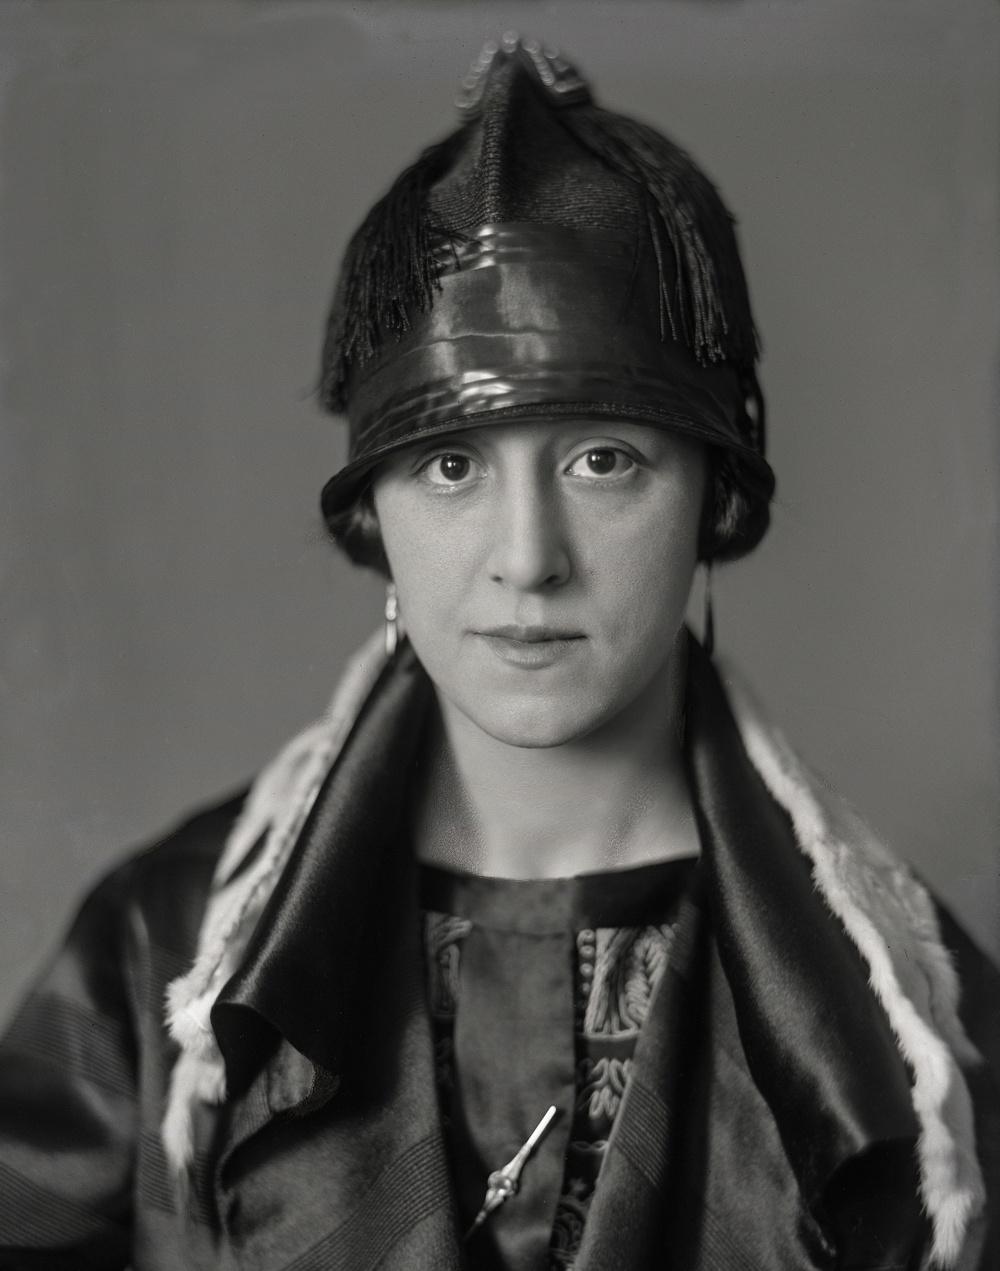 Lilian Borglin i randig klänning, blus med stiliserat blommönster och brosch. Hatten är närmast en hjälm med fransar och långt nerdragen. Den vita kragen som ligger över hennes axlar är hermelinskinn.                                      Fotograf Ida Ekelund, Lund, 1920-talet. Inköpt av Kulturen 2013.  Glasplåt (13 x 18 cm) skannad för utskrift.